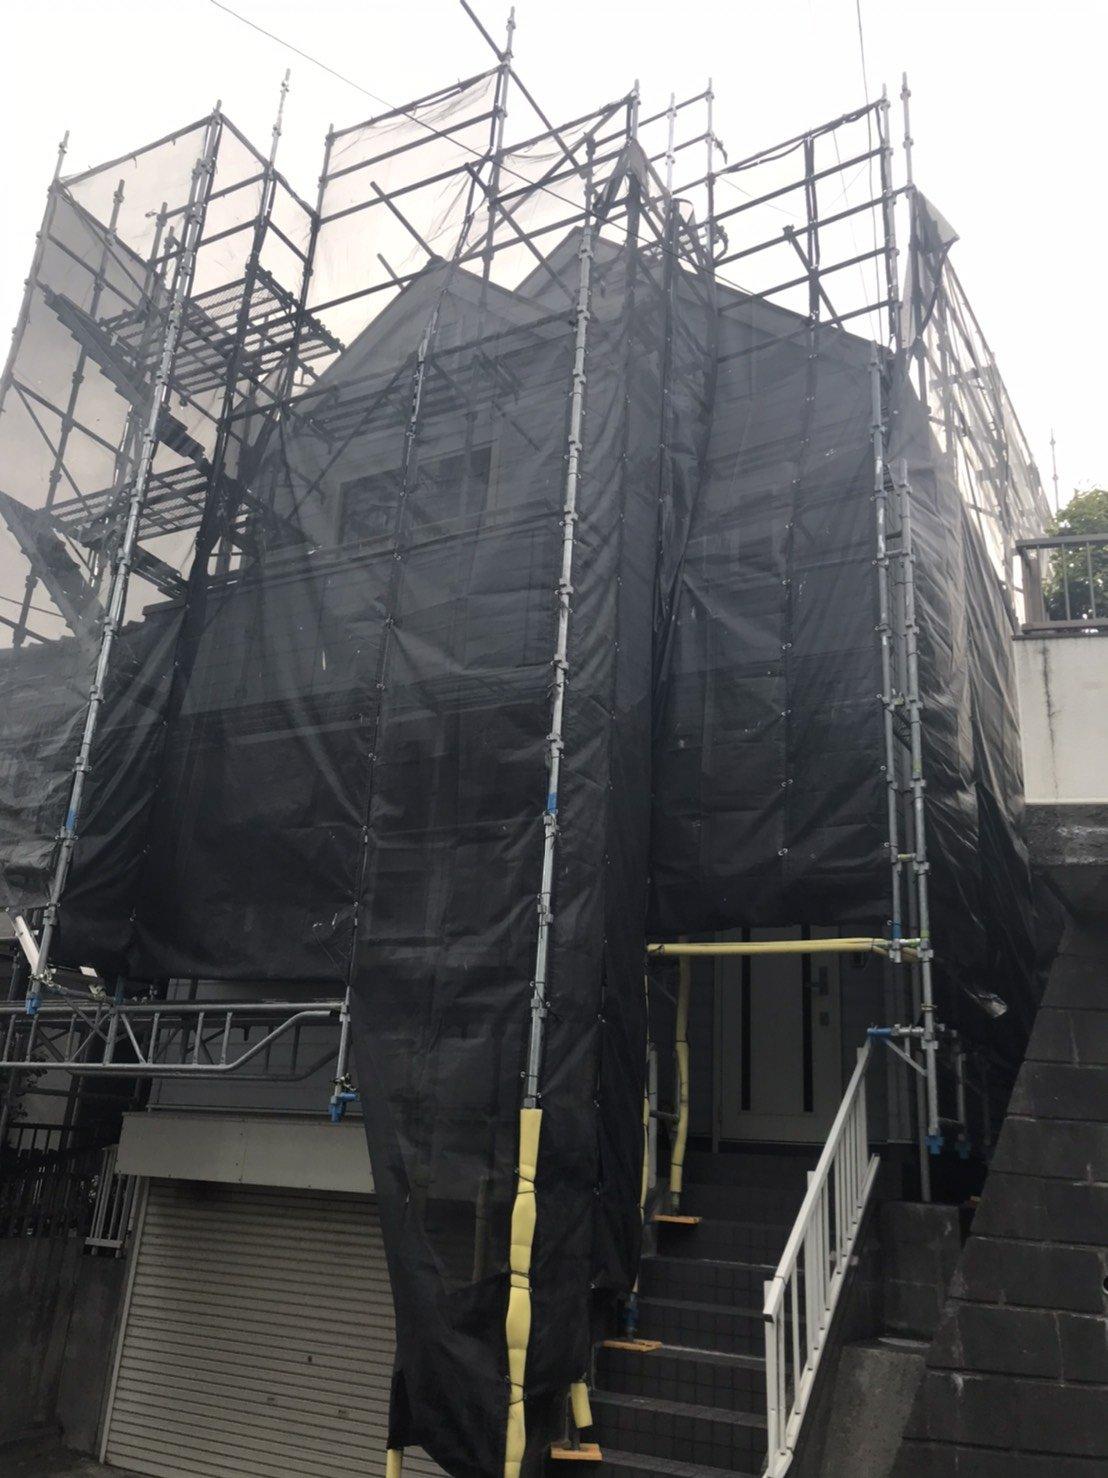 野崎工業 神奈川県横須賀市根岸町 足場工事 施工事例                        屋根足場 外壁塗装